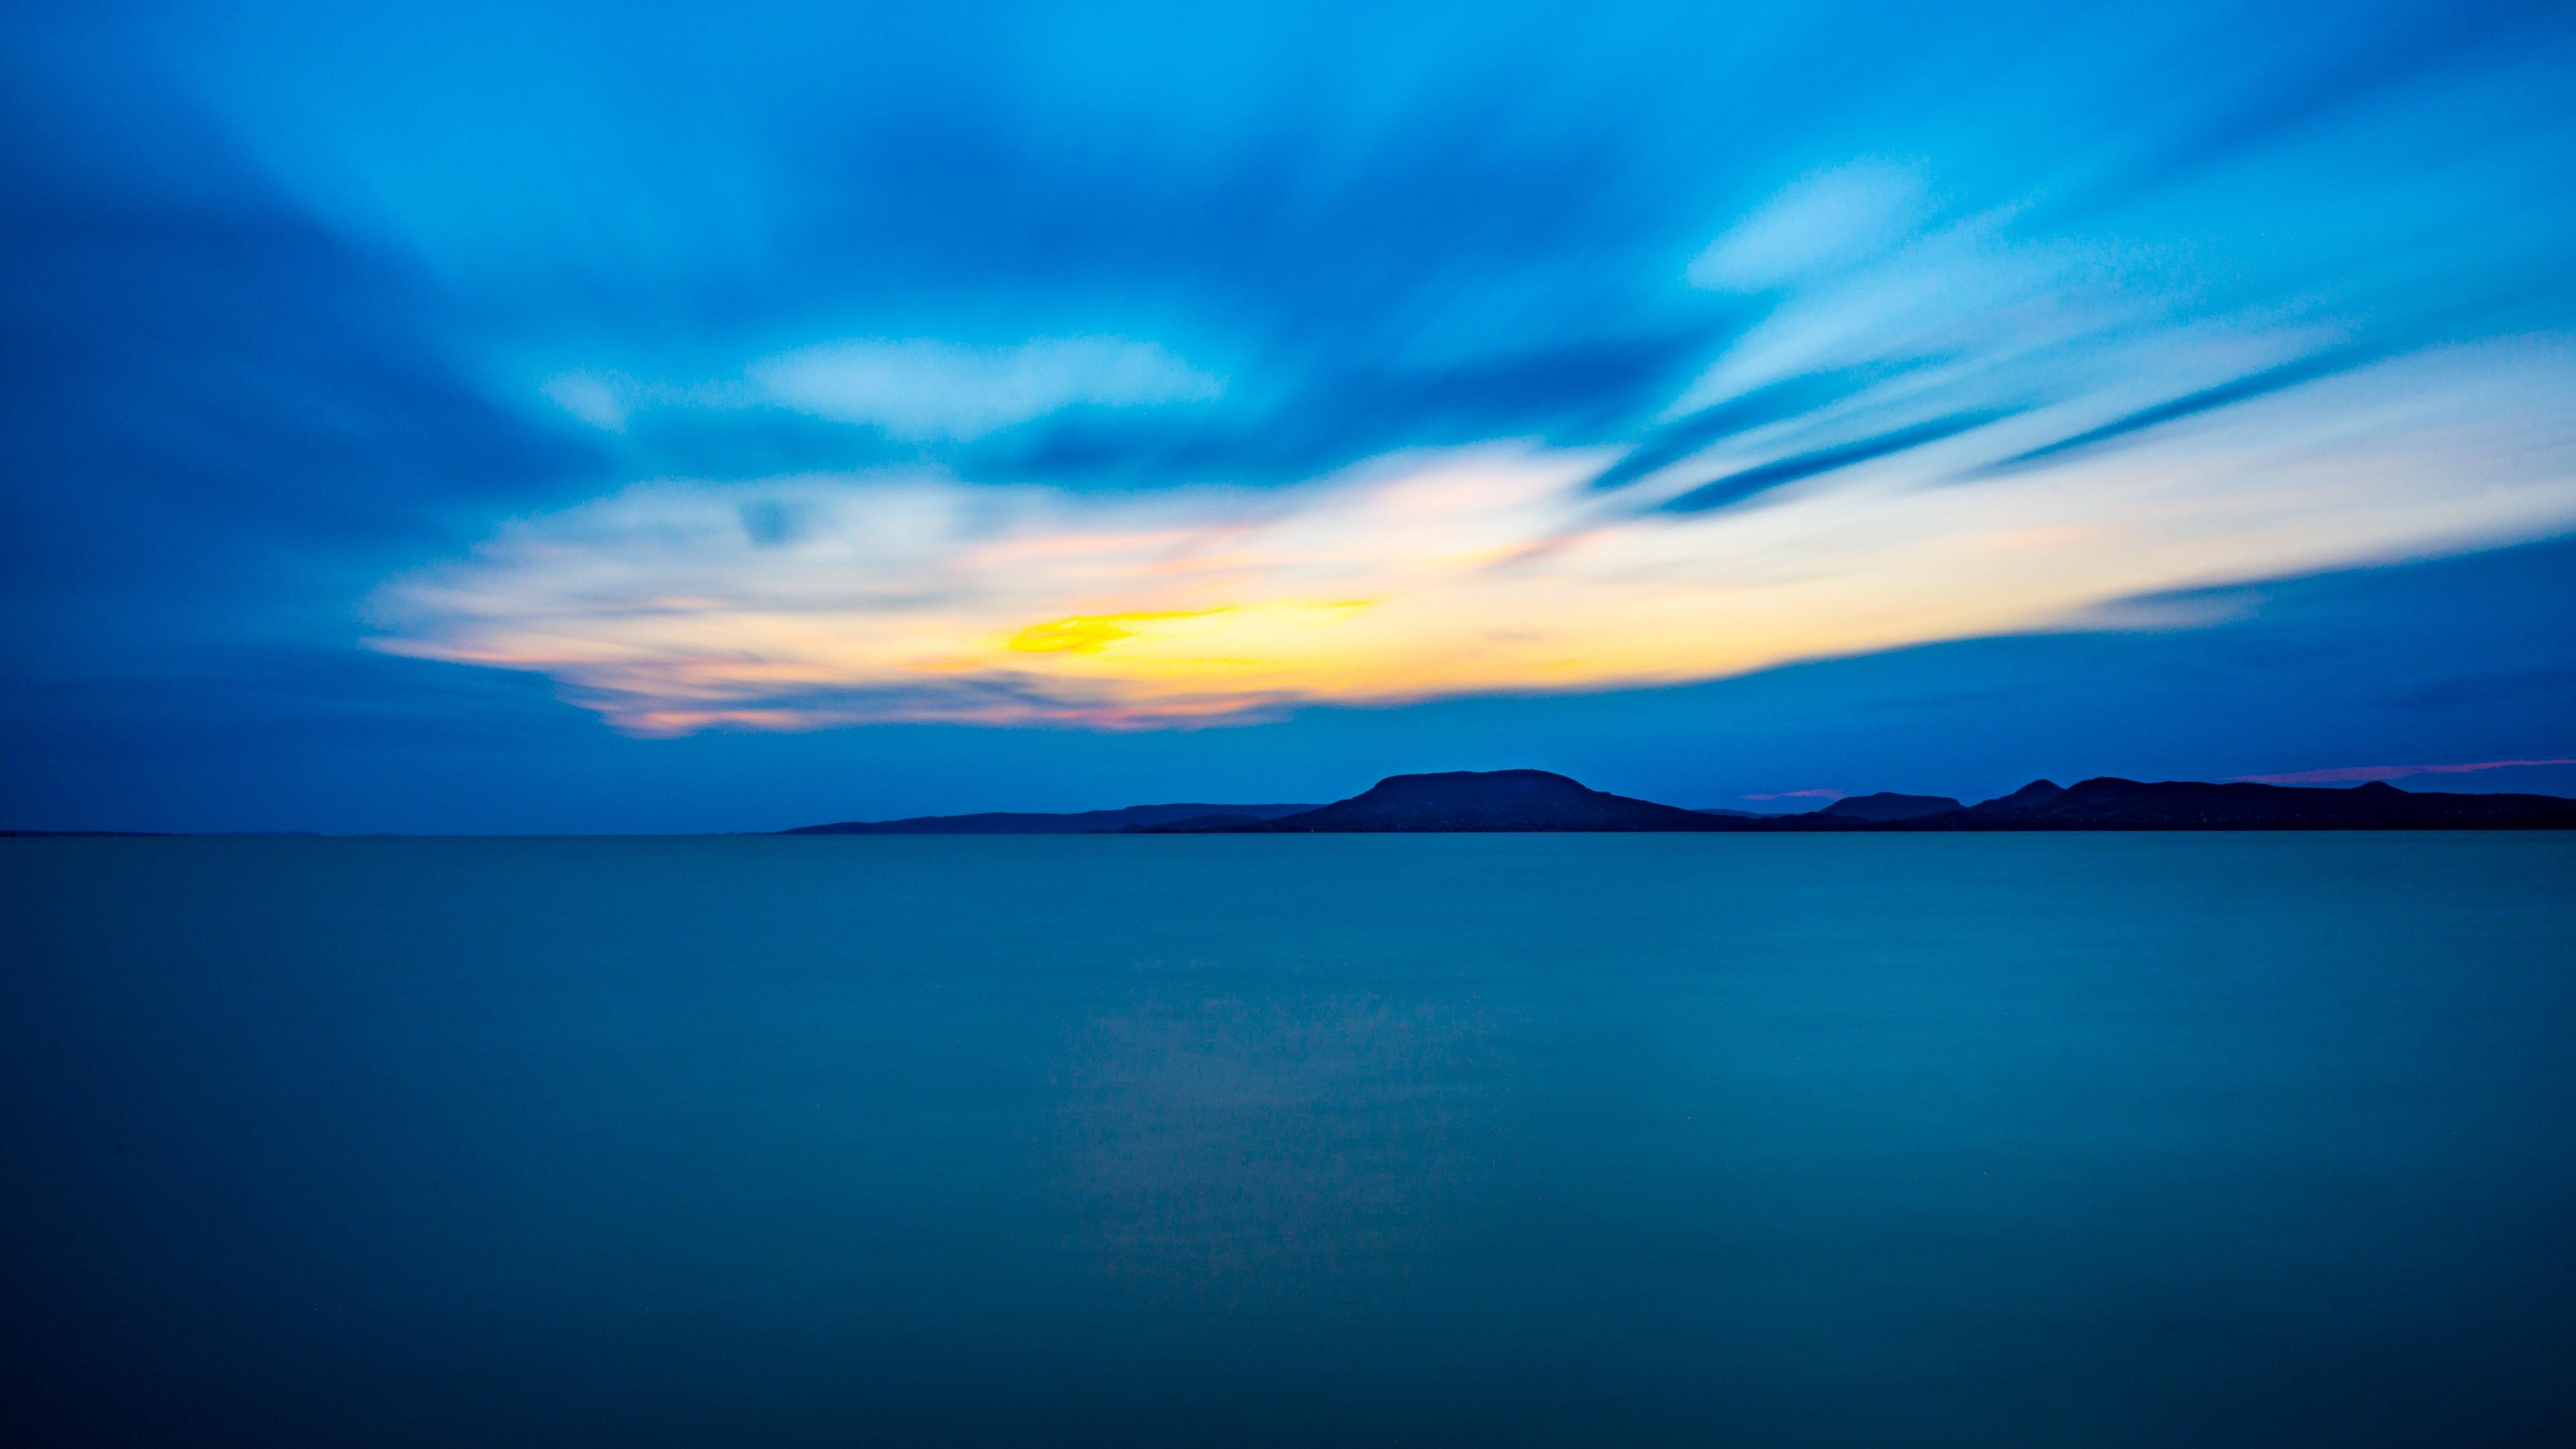 horizon mountains sea blue 4k 1541117751 - horizon, mountains, sea, blue 4k - Sea, Mountains, Horizon